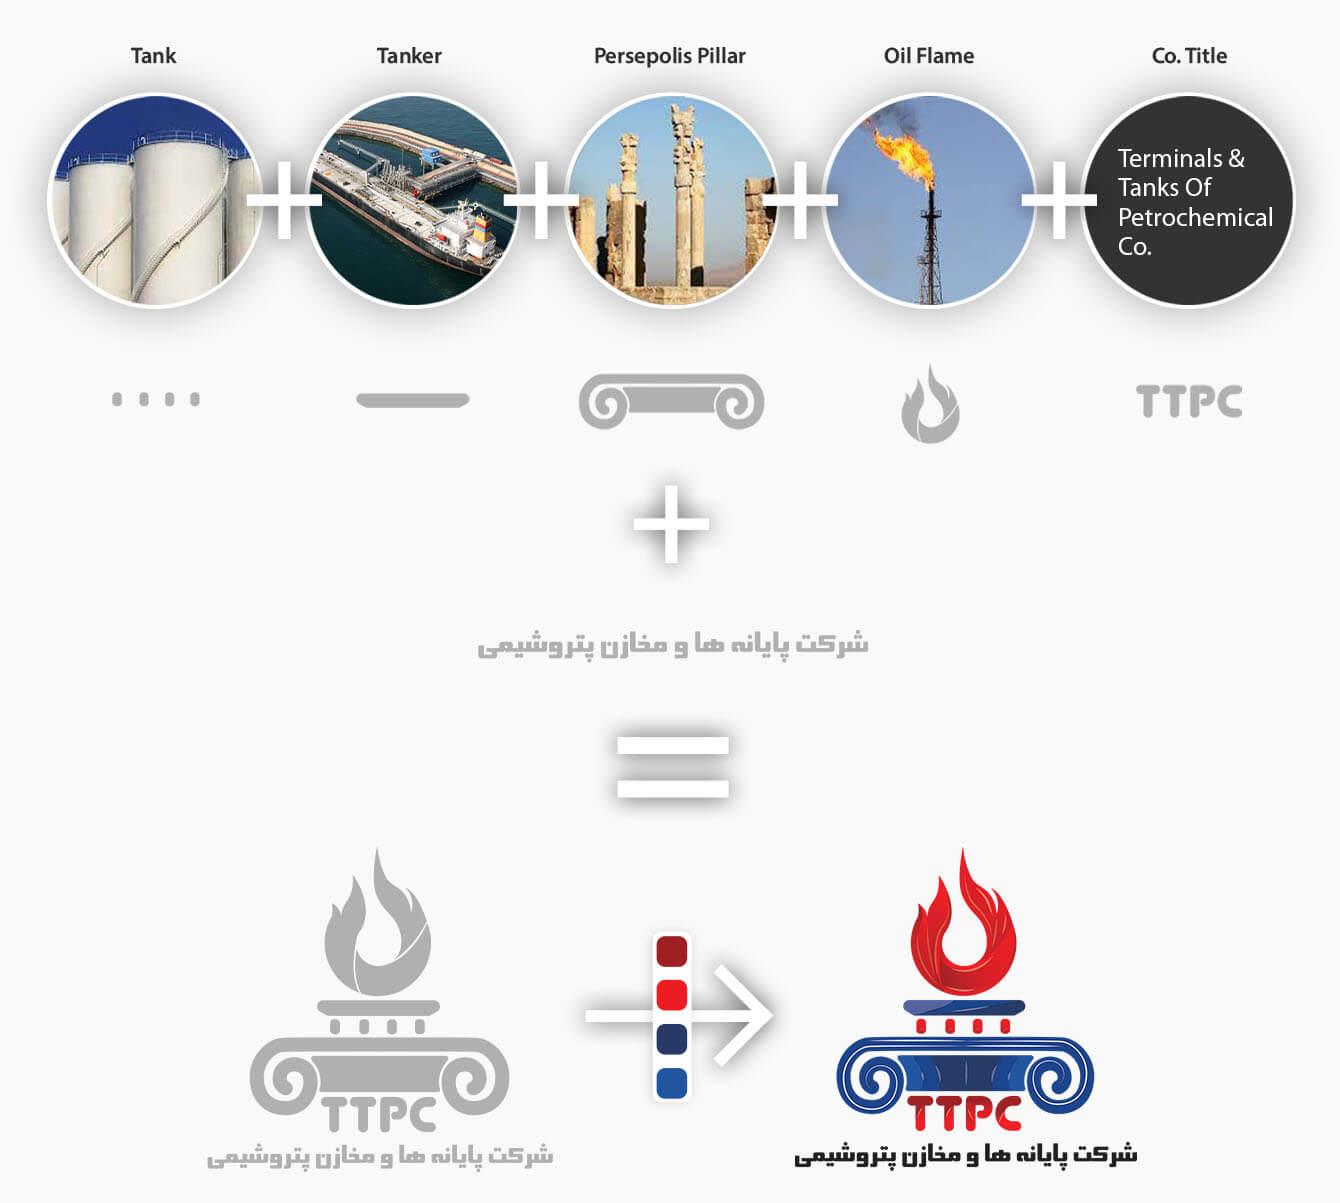 روند طراحی لوگو و ایده پردازی ttpc